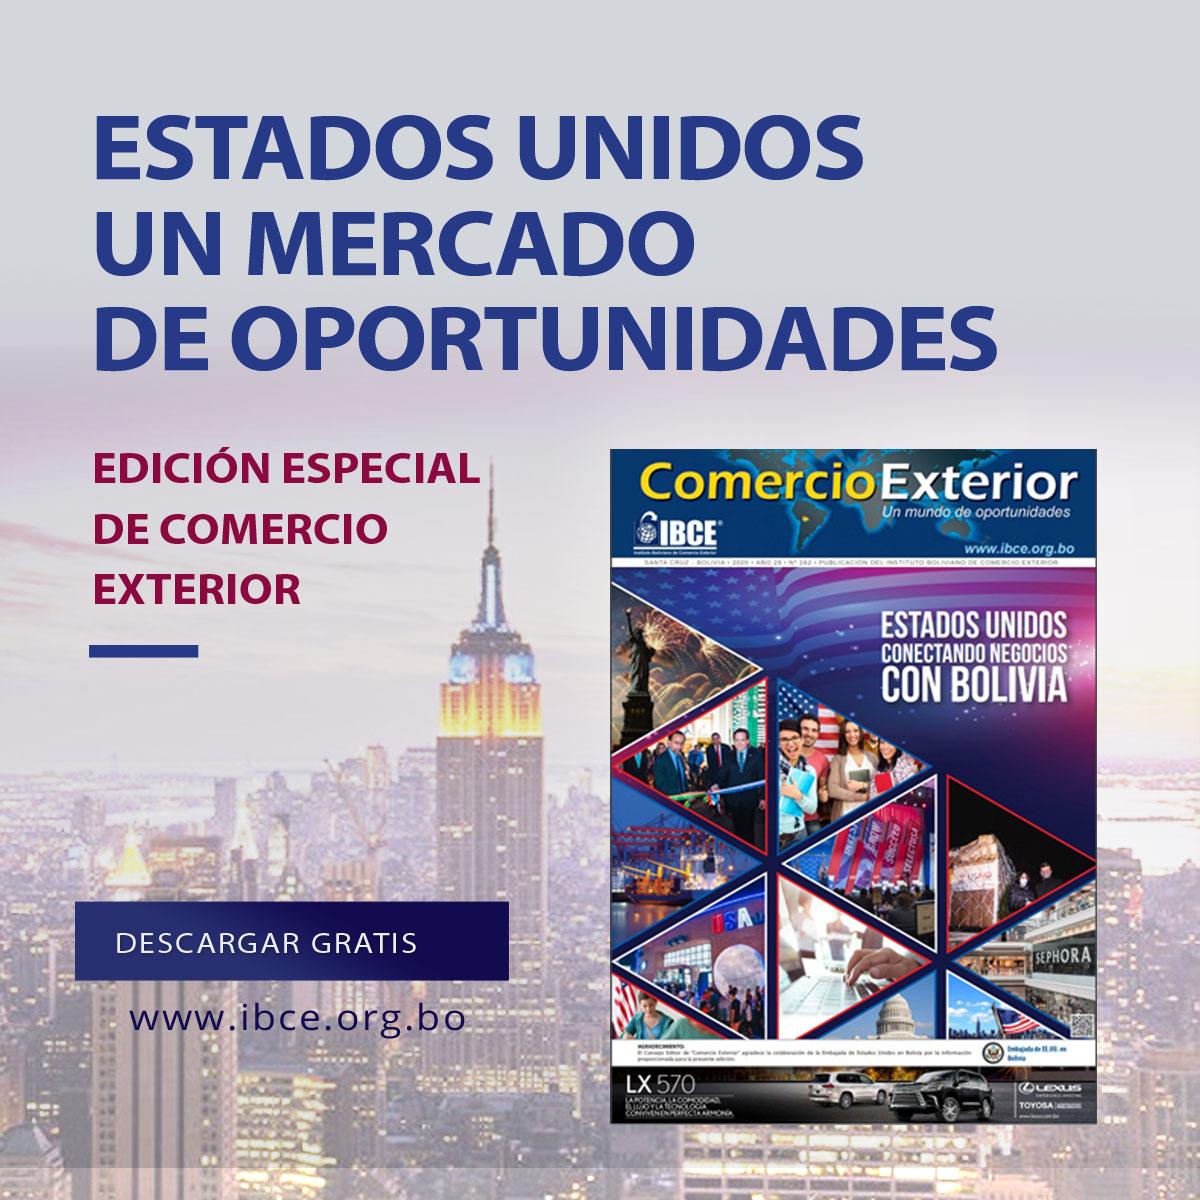 Descargue gratis la Edición Especial de Comercio Exterior - Estados Unidos conectado con negocios con Bolivia